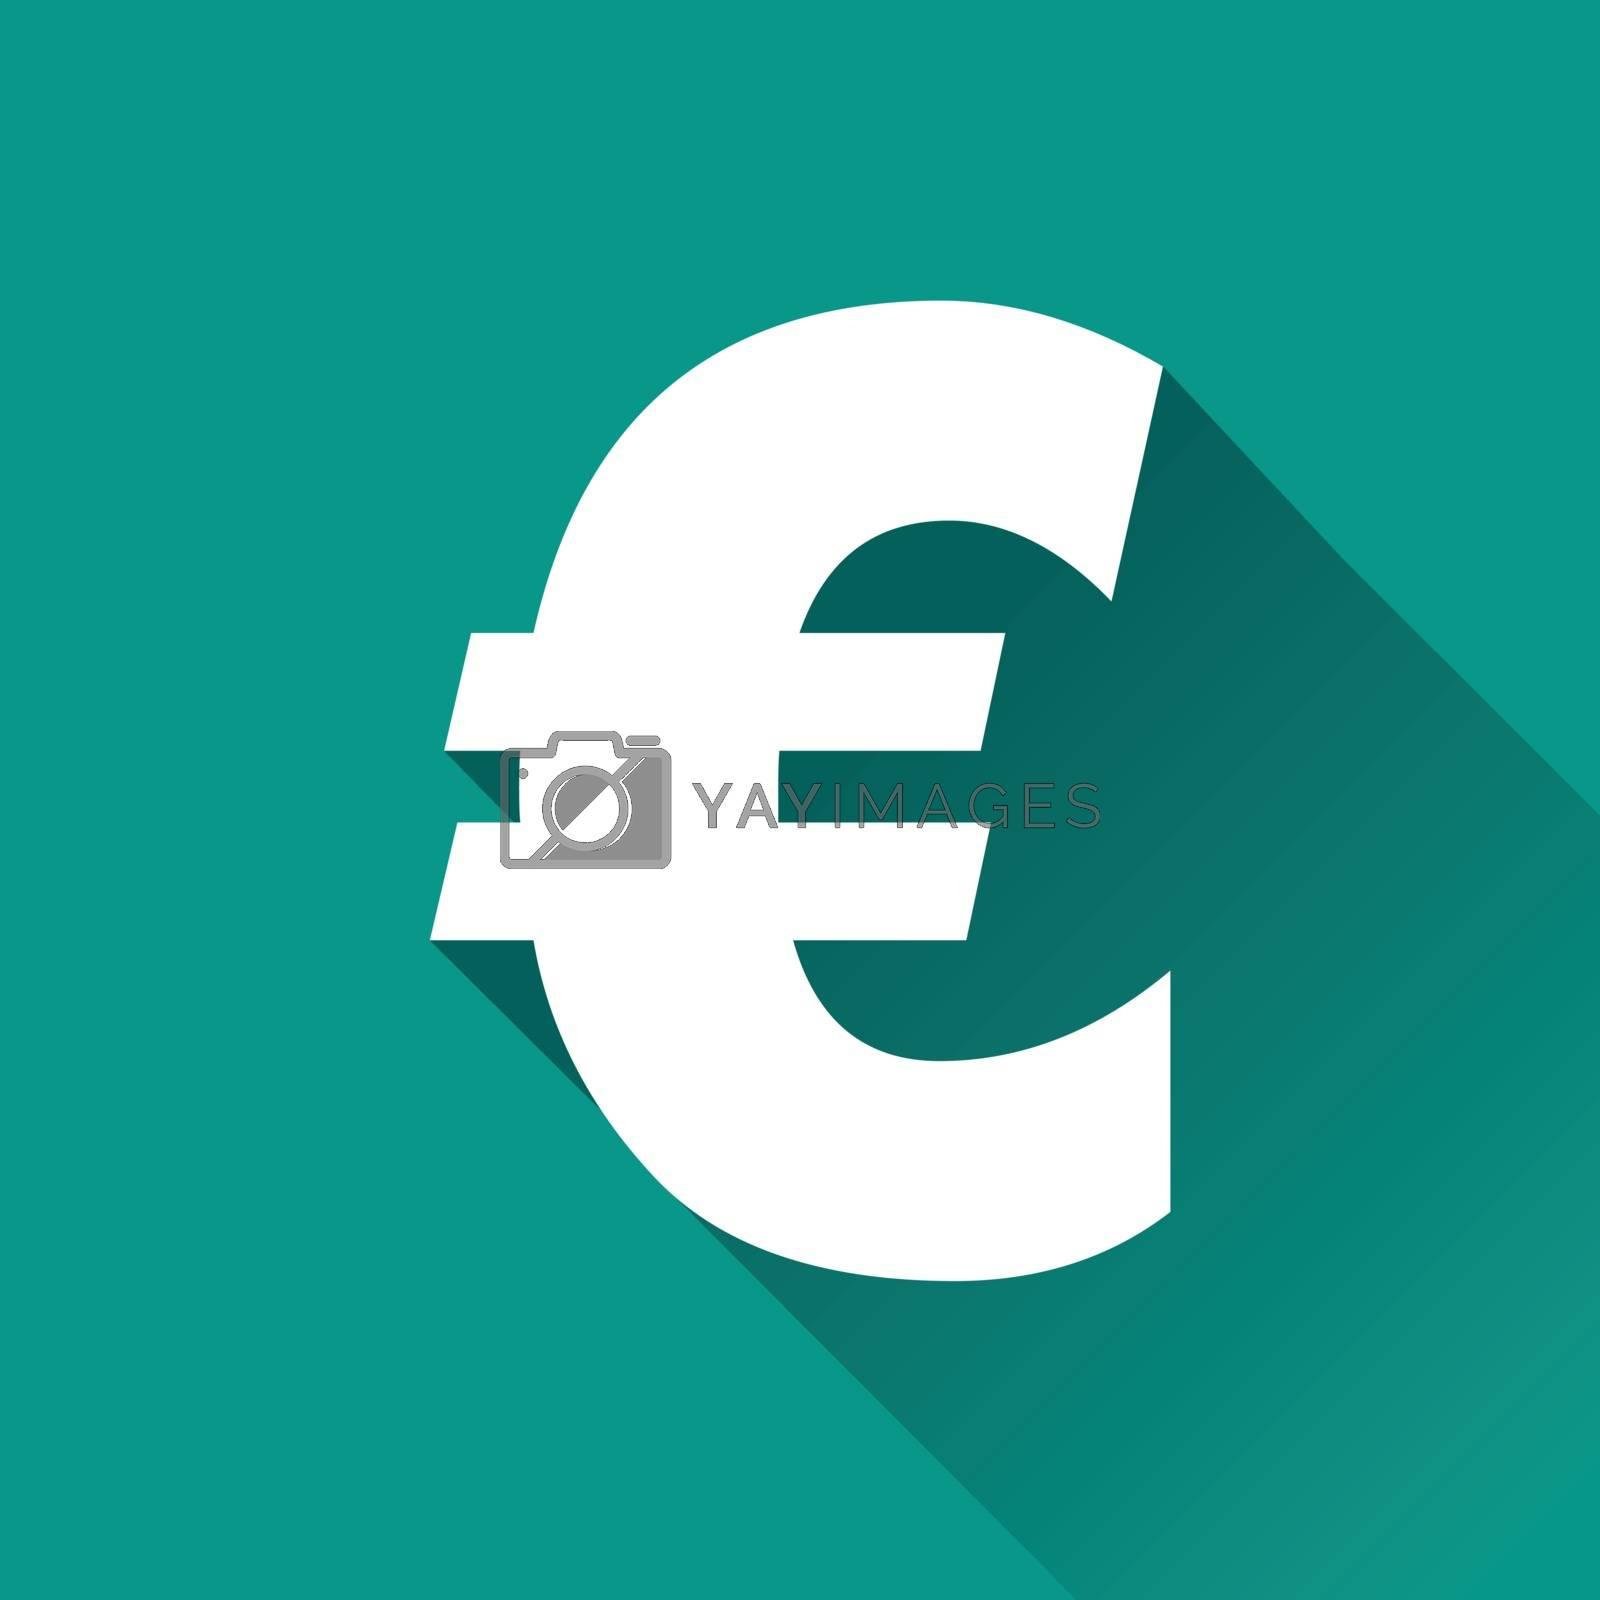 illustration of euro flat design icon isolated